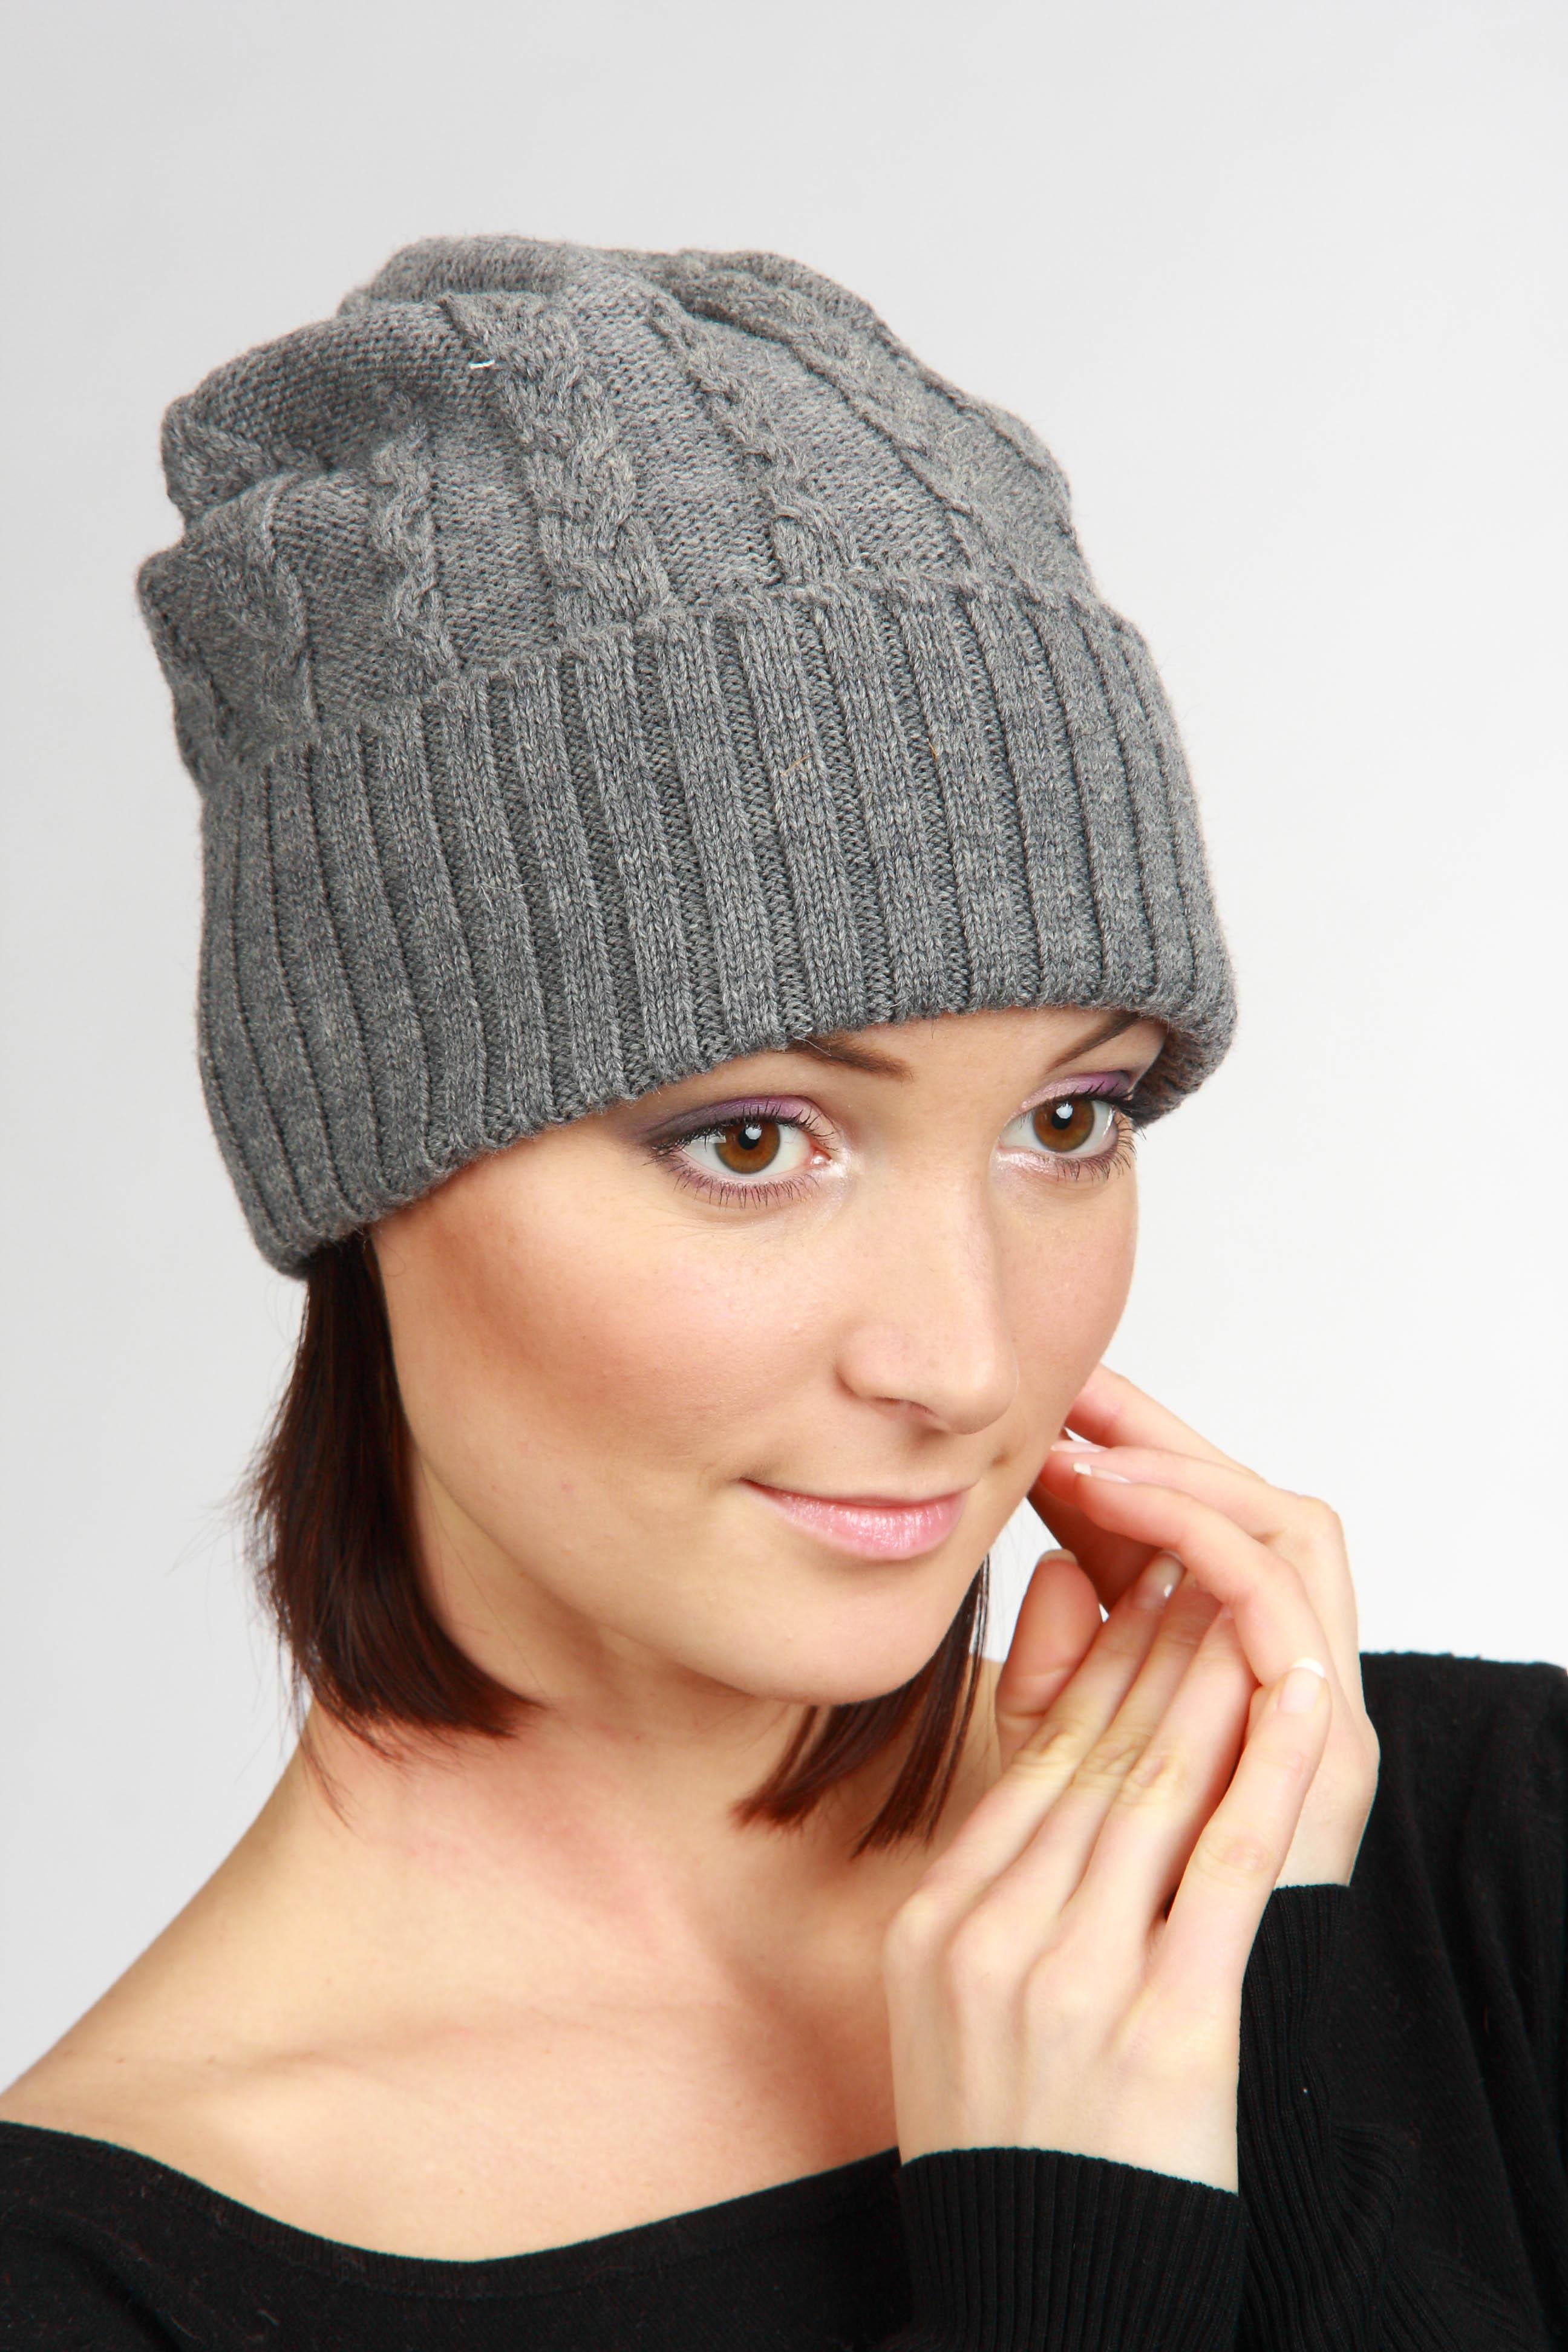 ШапкаШапки<br>Шапка цельновязаная, декориврована ажурной вязкой. Сезон: осень/весна Головной убор стандартного размера 56-58 см.  Шерстяная шапка подарит Вам тепло и комфорт.  Стильная шапка подчеркнет Вашу женственность и станет прекрасным дополнением Вашего образа.  Цвет: серый<br><br>По материалу: Вязаные,Шерсть,Трикотаж<br>По рисунку: Однотонные<br>По сезону: Весна,Осень<br>Размер : universal<br>Материал: Шерсть<br>Количество в наличии: 1